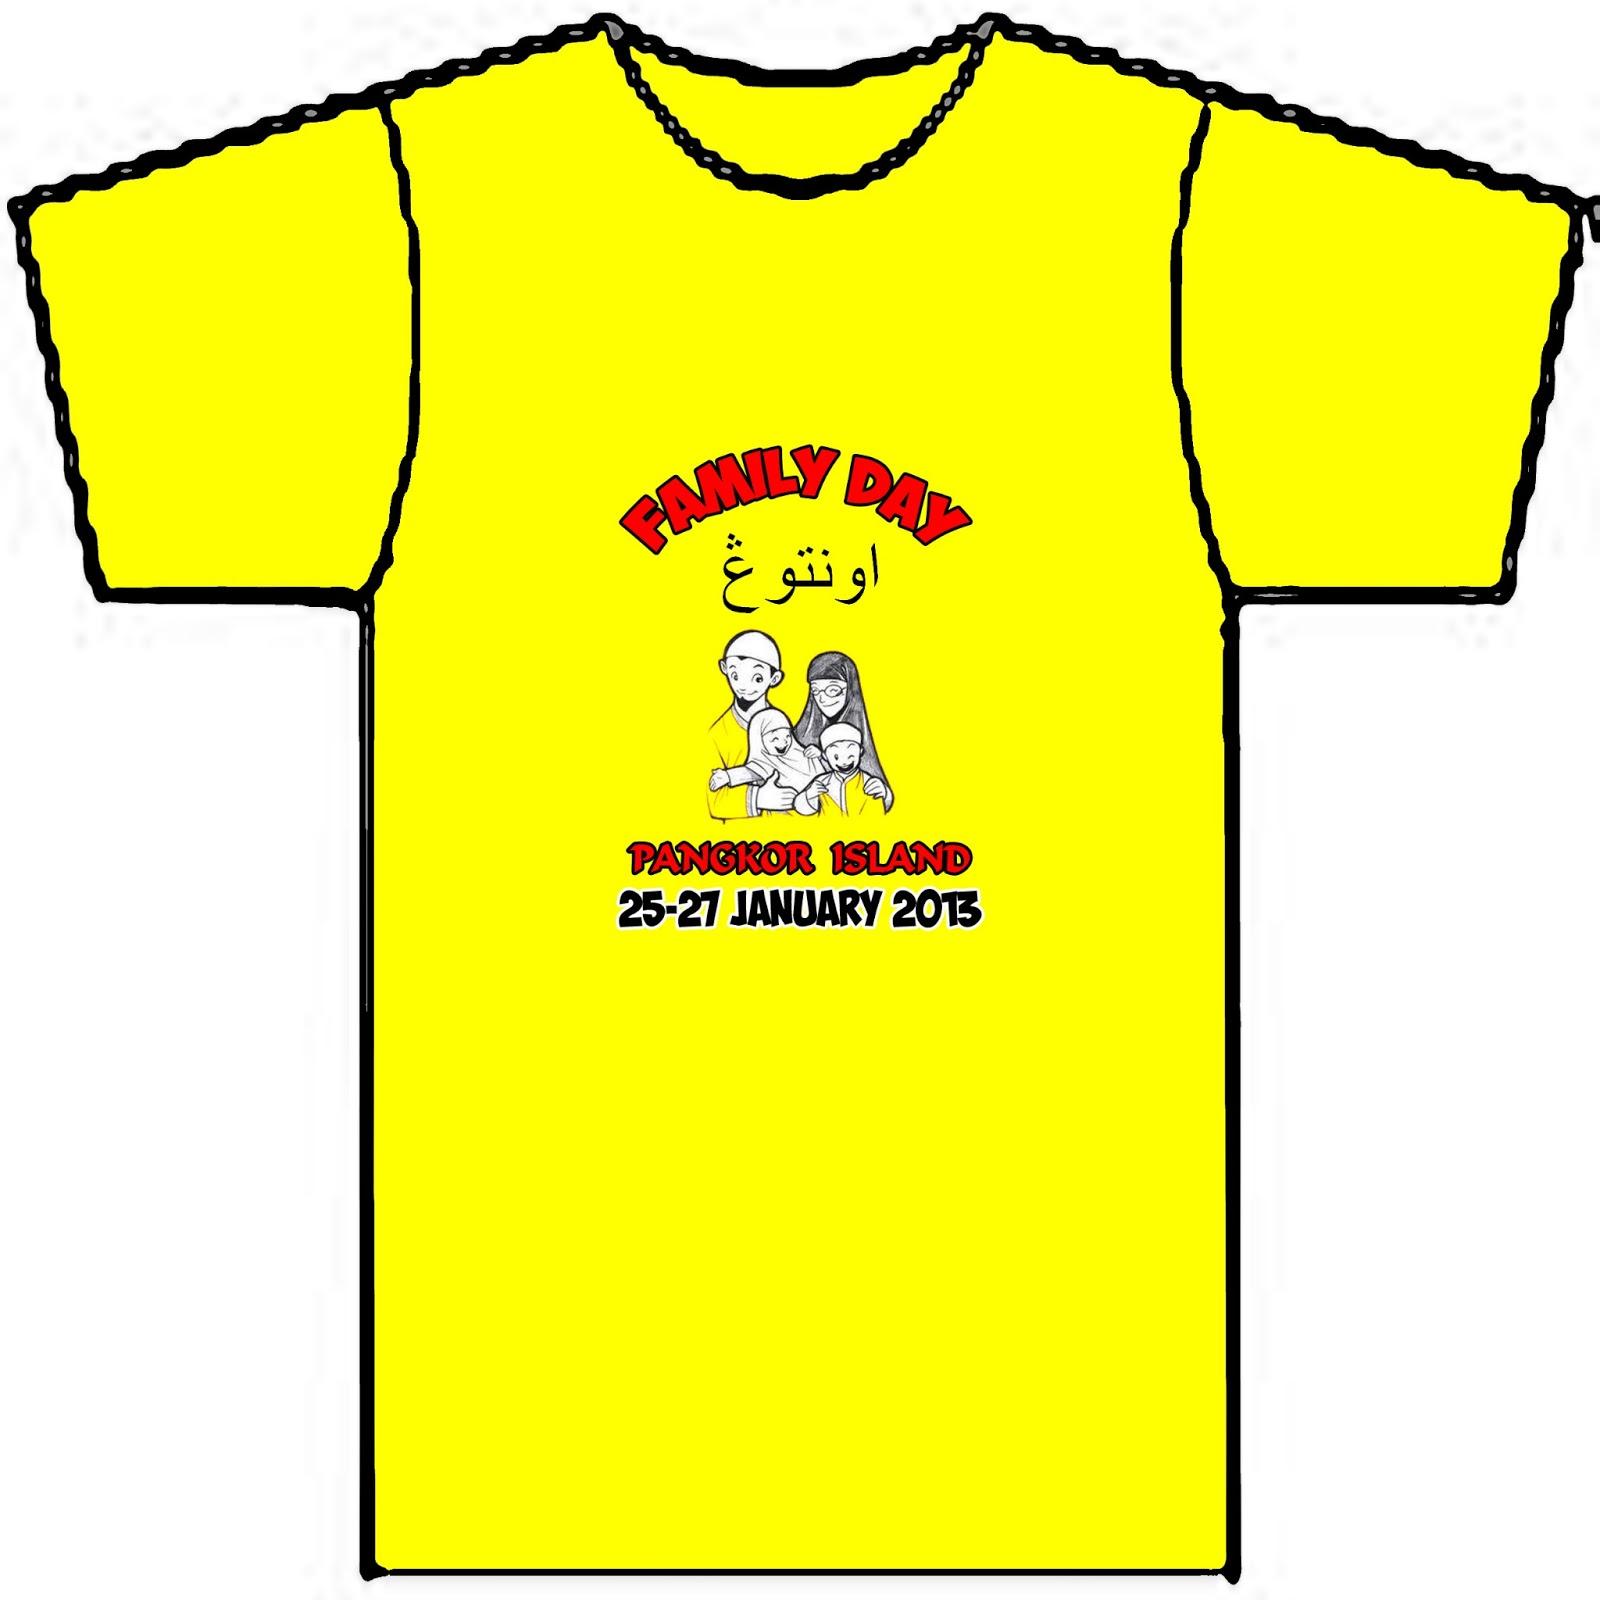 83kb design baju tshirt joy studio design gallery best design - 83kb Design Baju Tshirt Joy Studio Design Gallery Best Design 83kb Design Baju Tshirt Joy